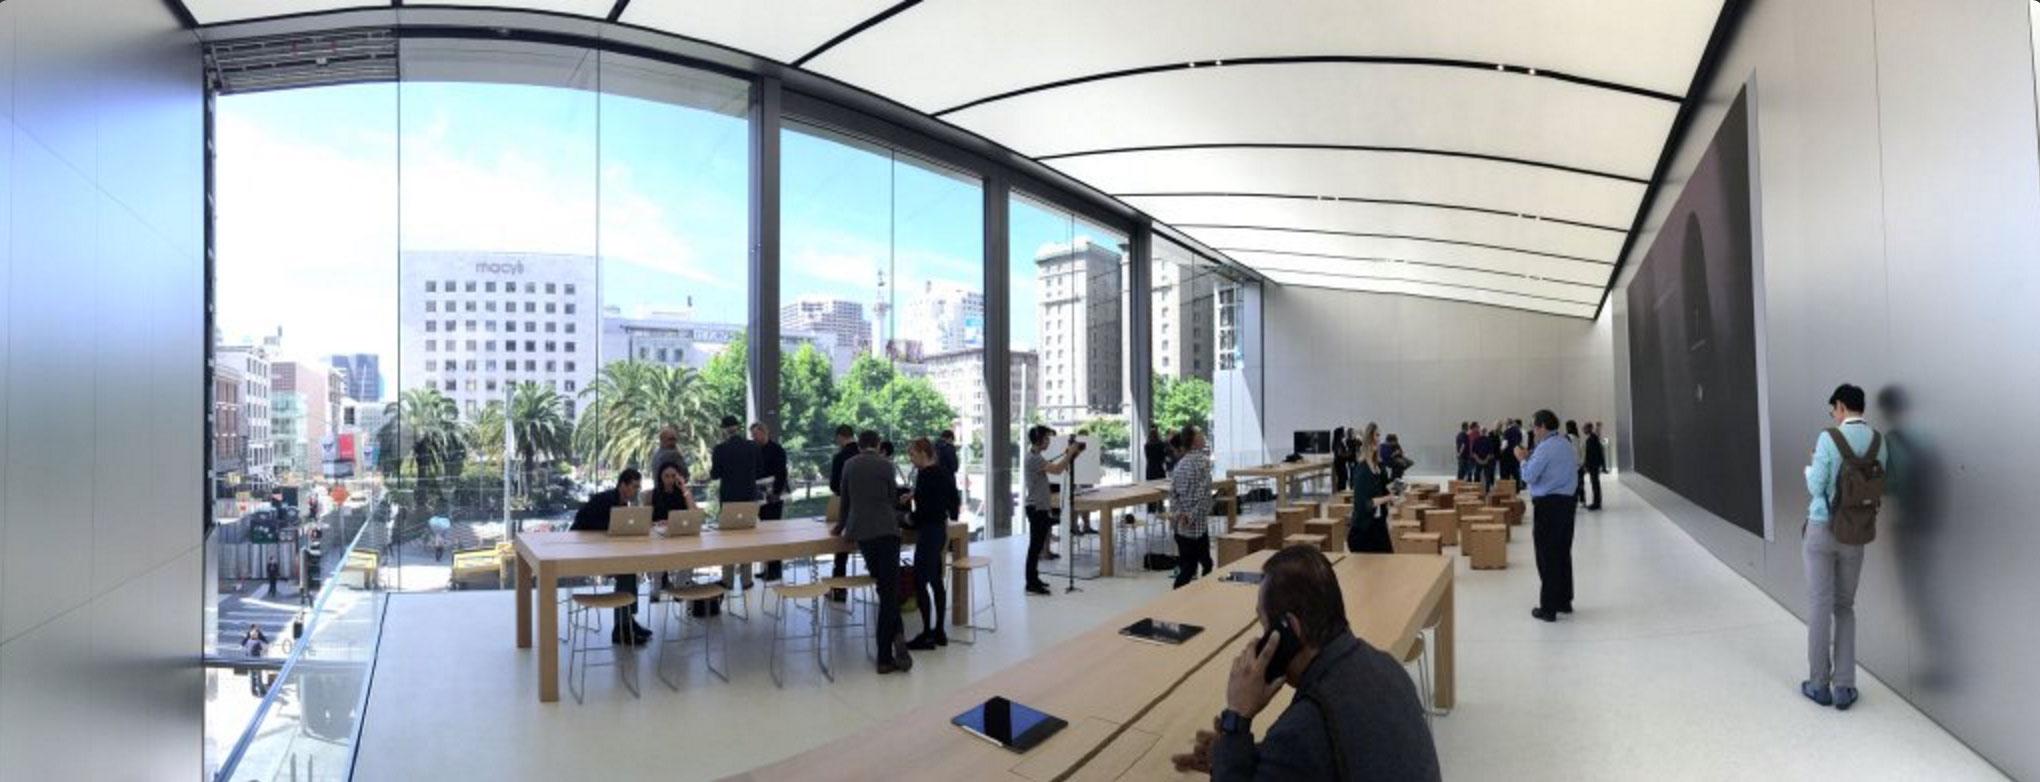 Apple Store de Unison Square